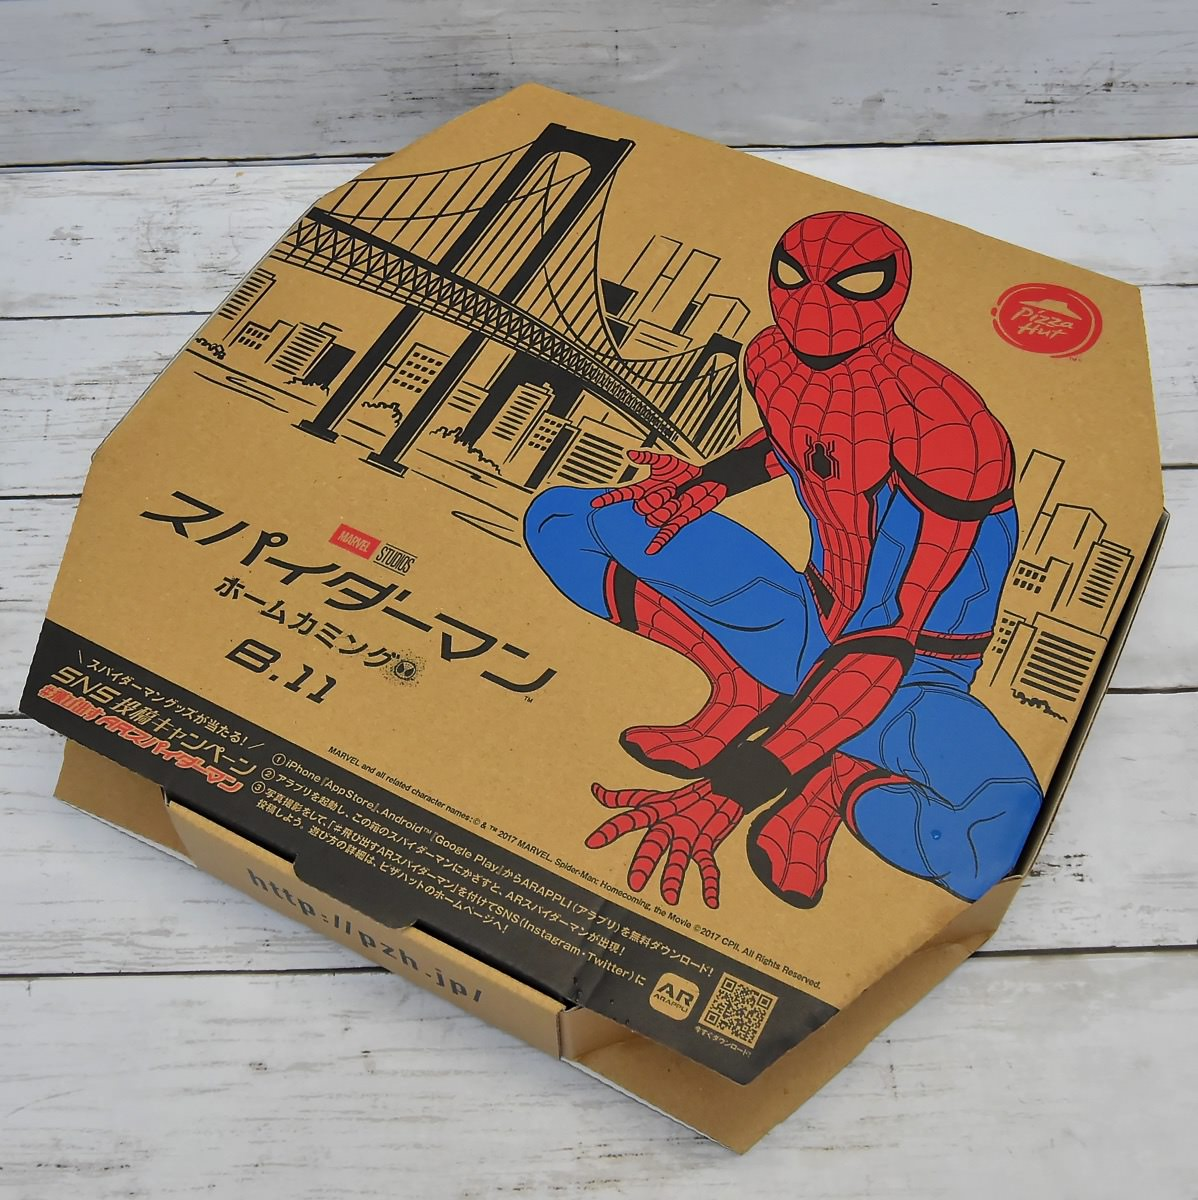 ピザハット MARVEL『スパイダーマン:ホームカミング』キャンペーン